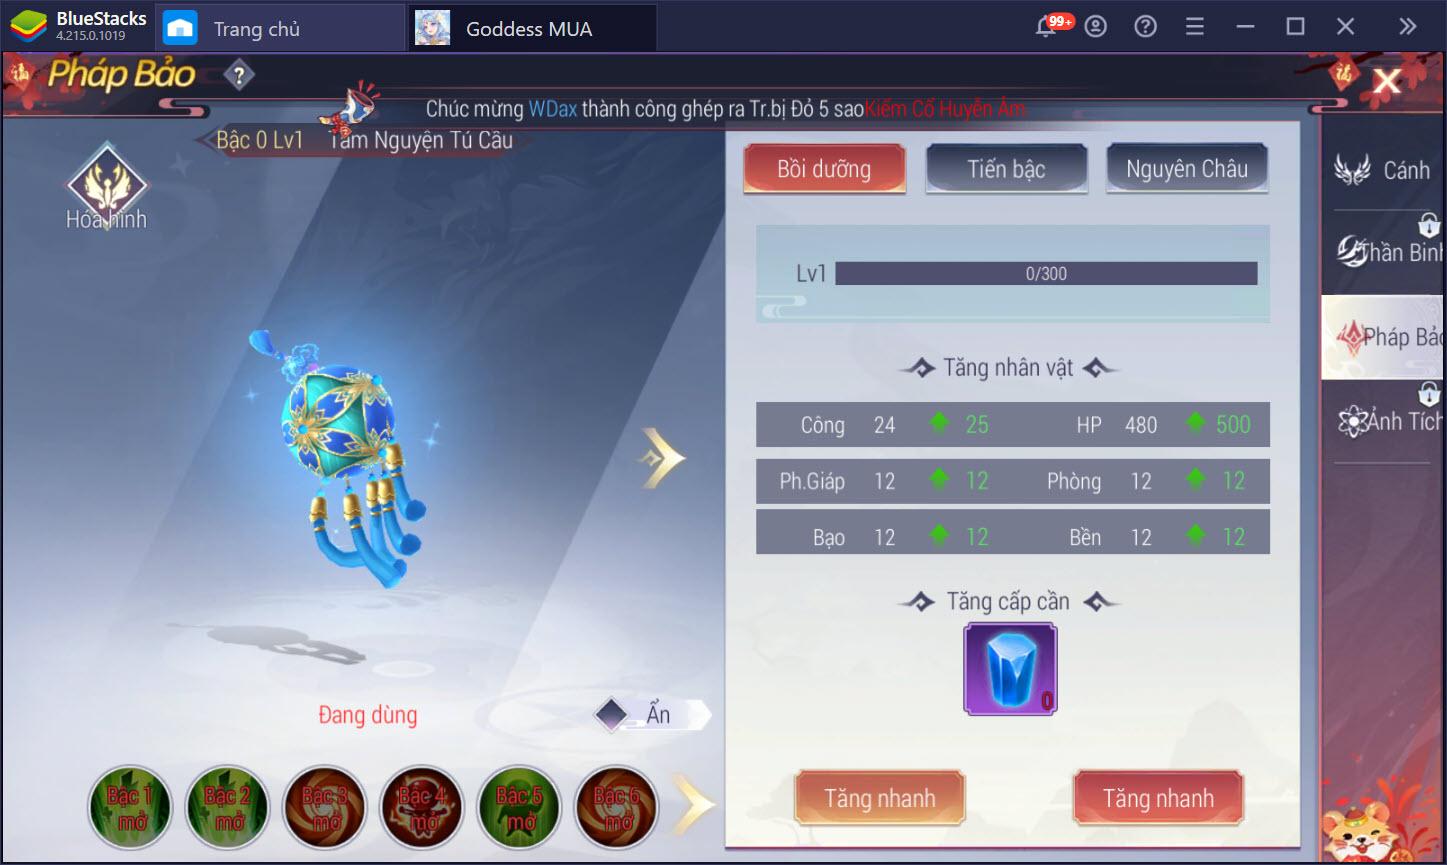 Cách nâng cấp và làm thế nào để mạnh hơn trong Goddess MUA